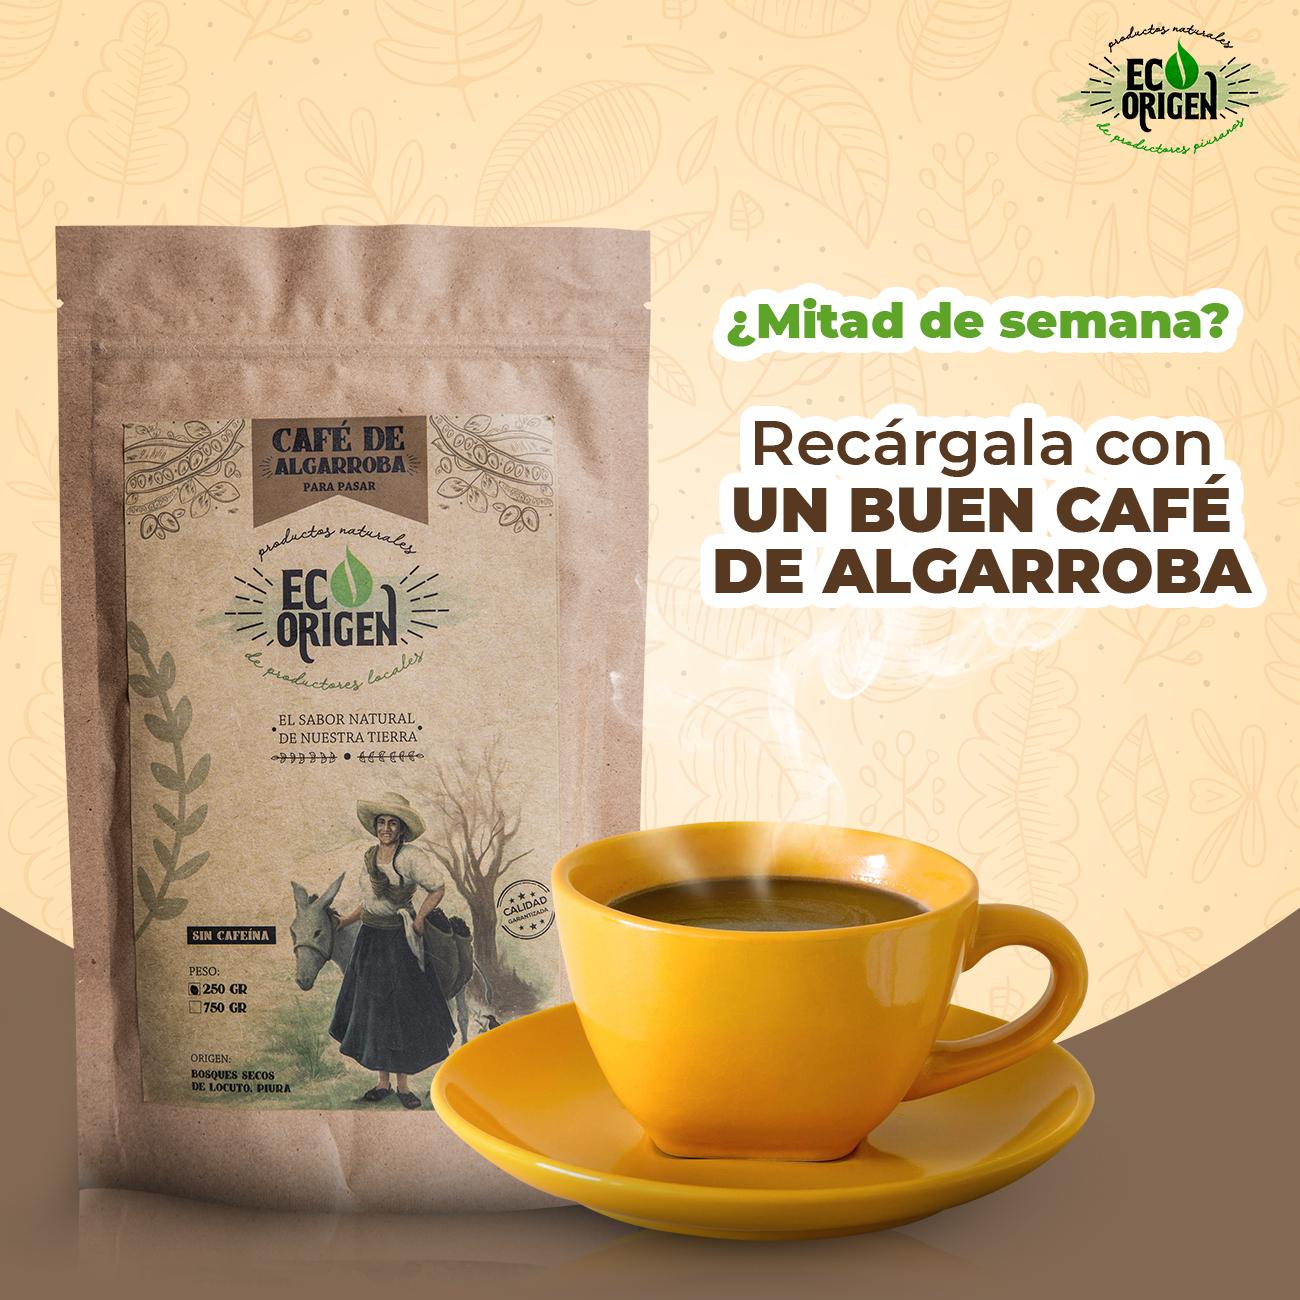 Café de algarroba saludable